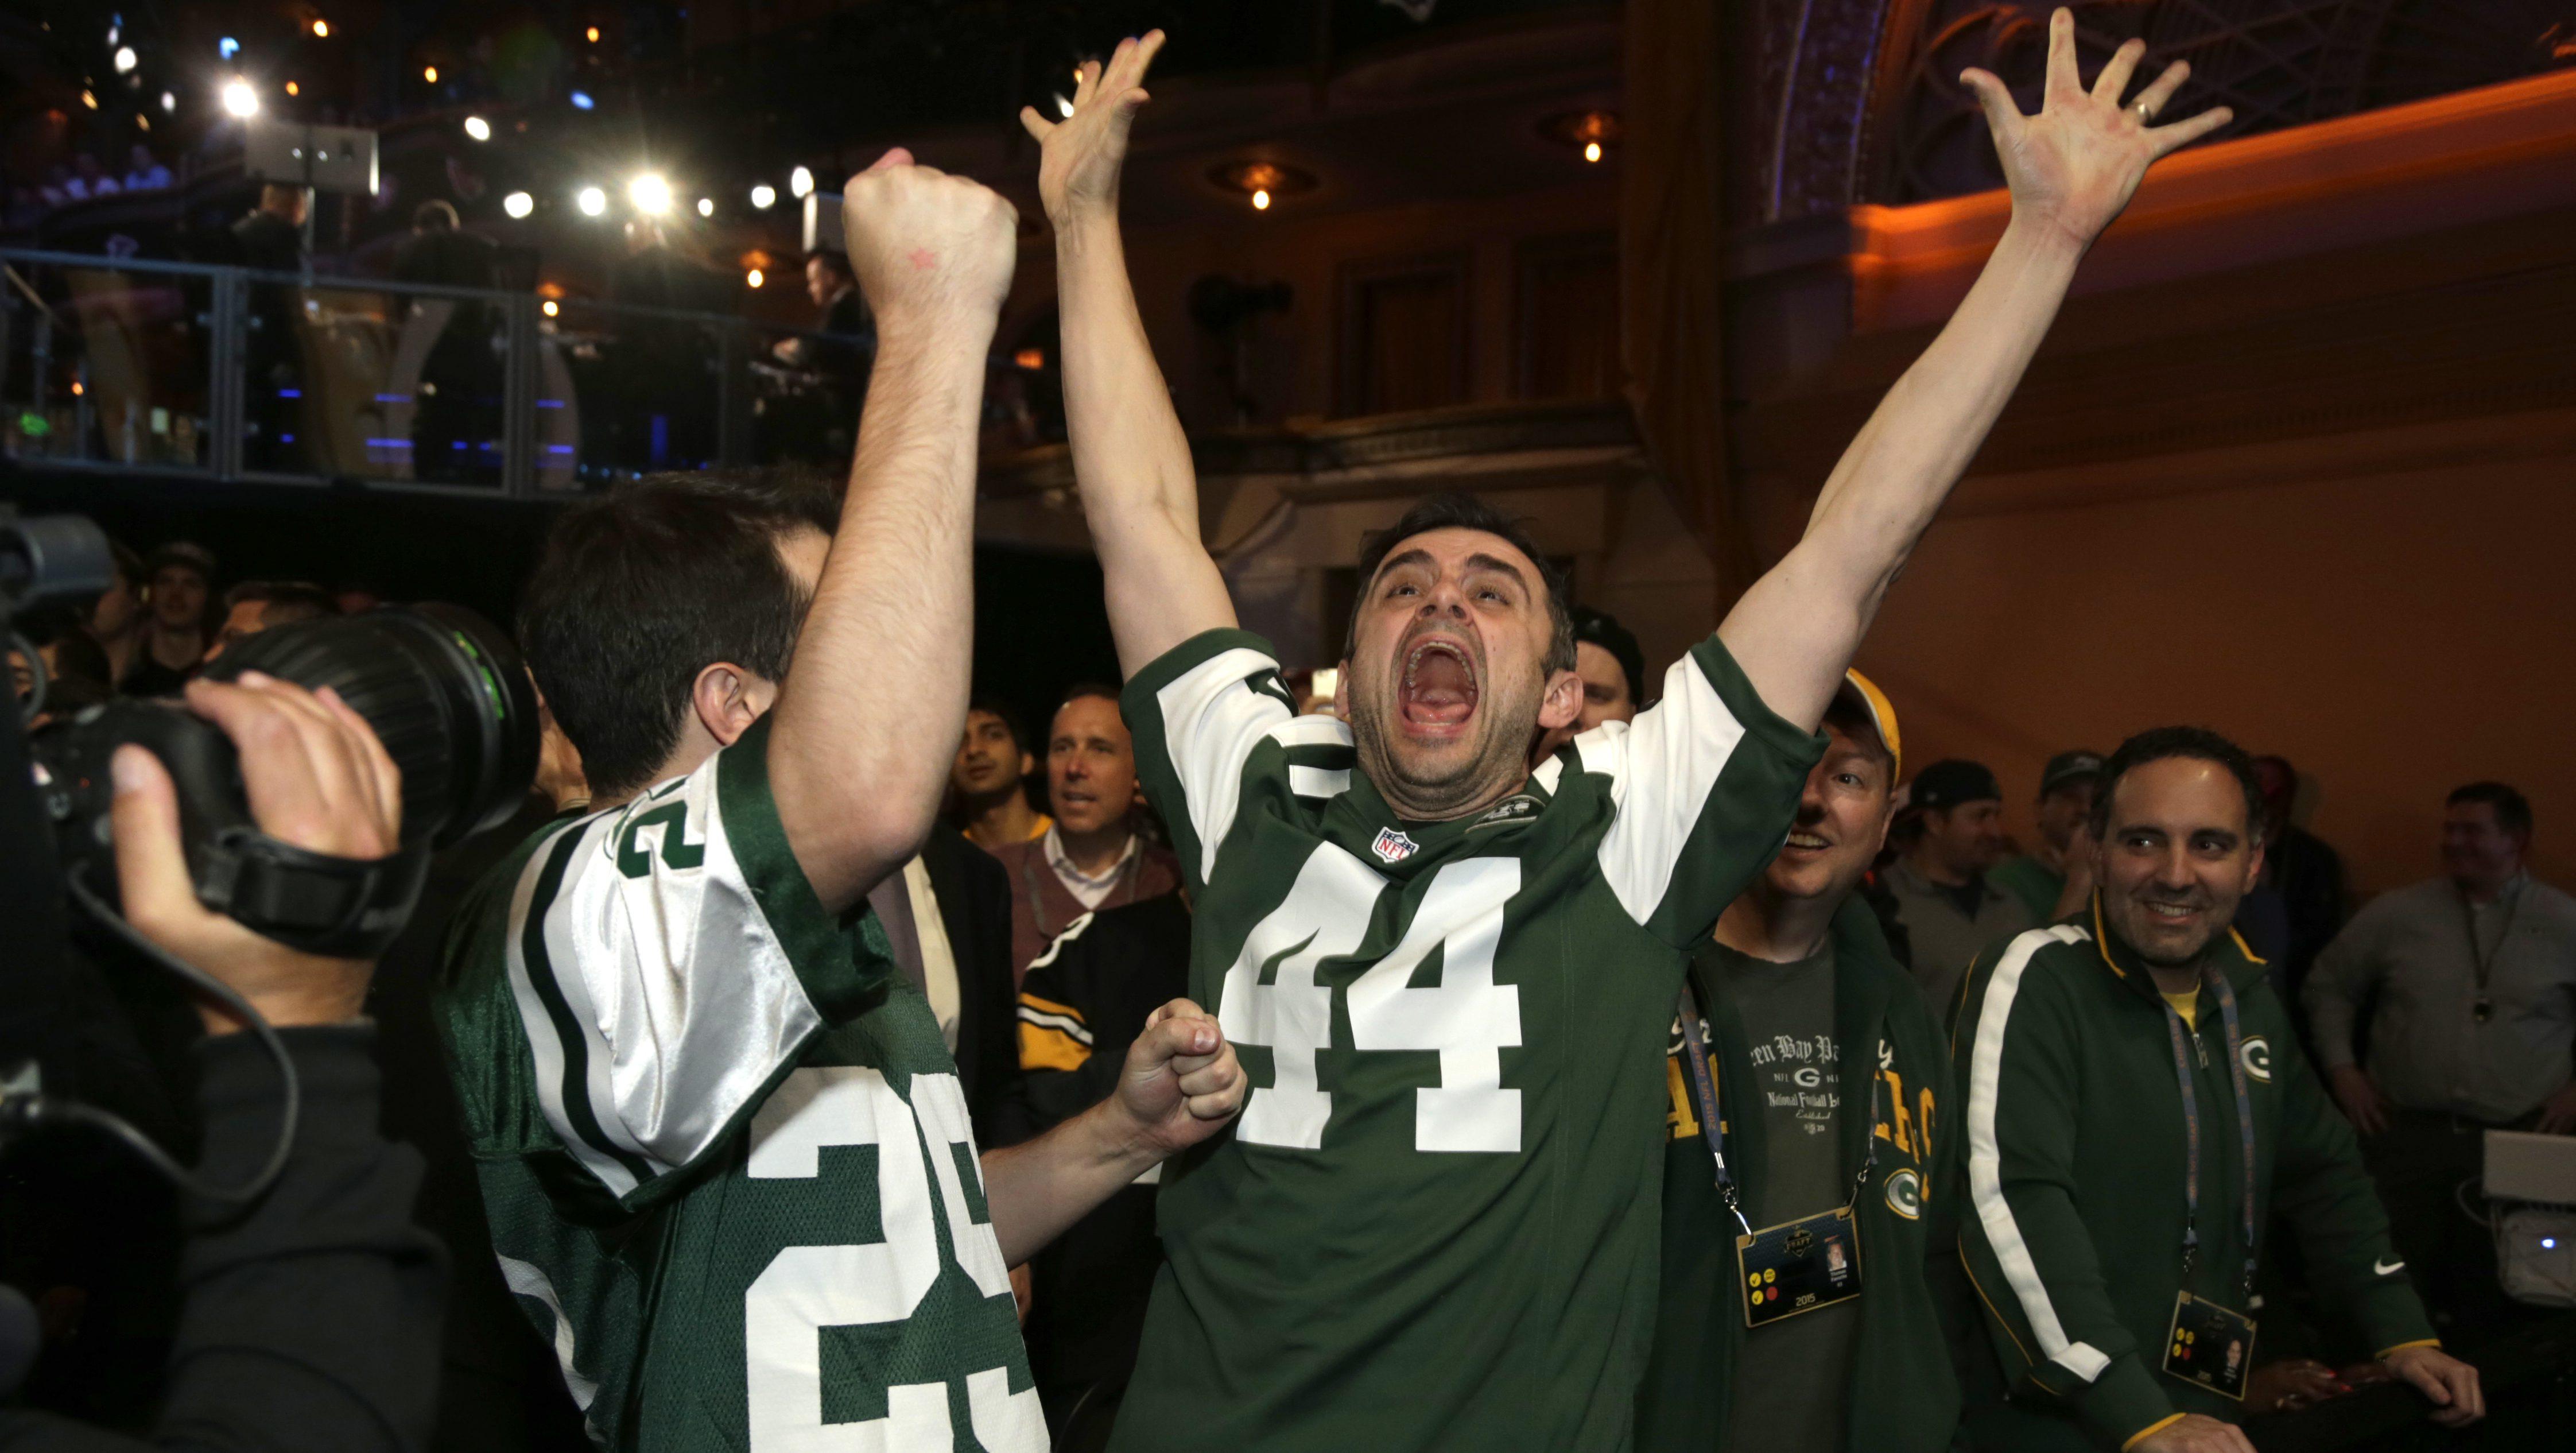 Jets fans 2015 NFL Draft